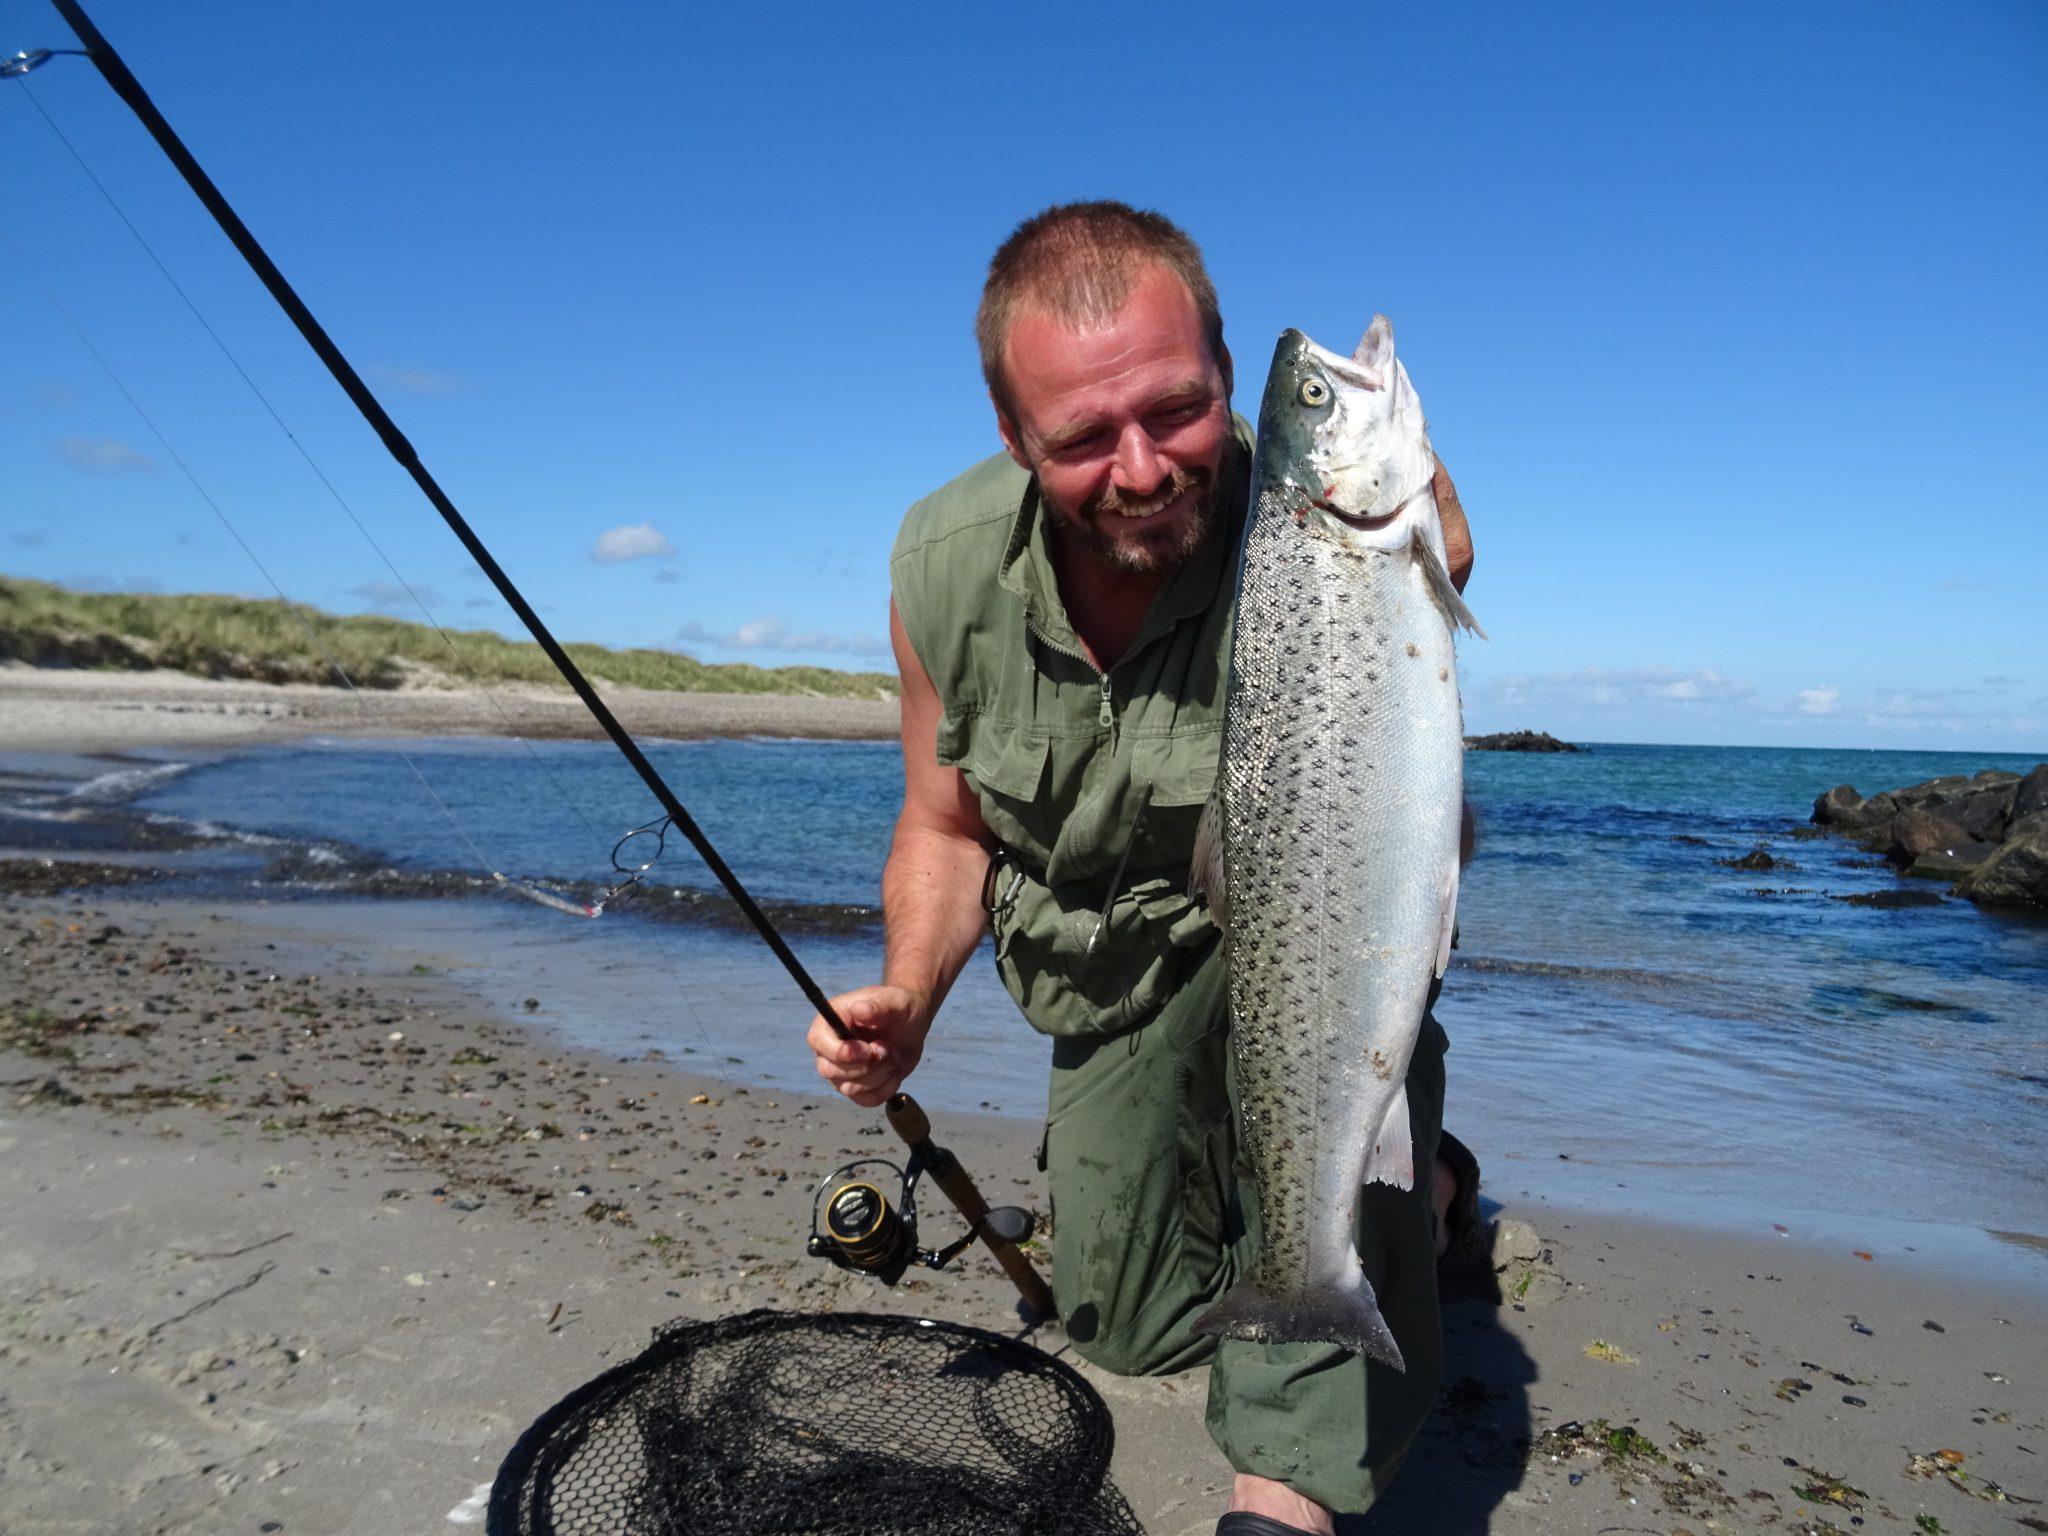 Man kan dyrke spændende Kystfiskeri efter havørreder i Skagen og omegn.